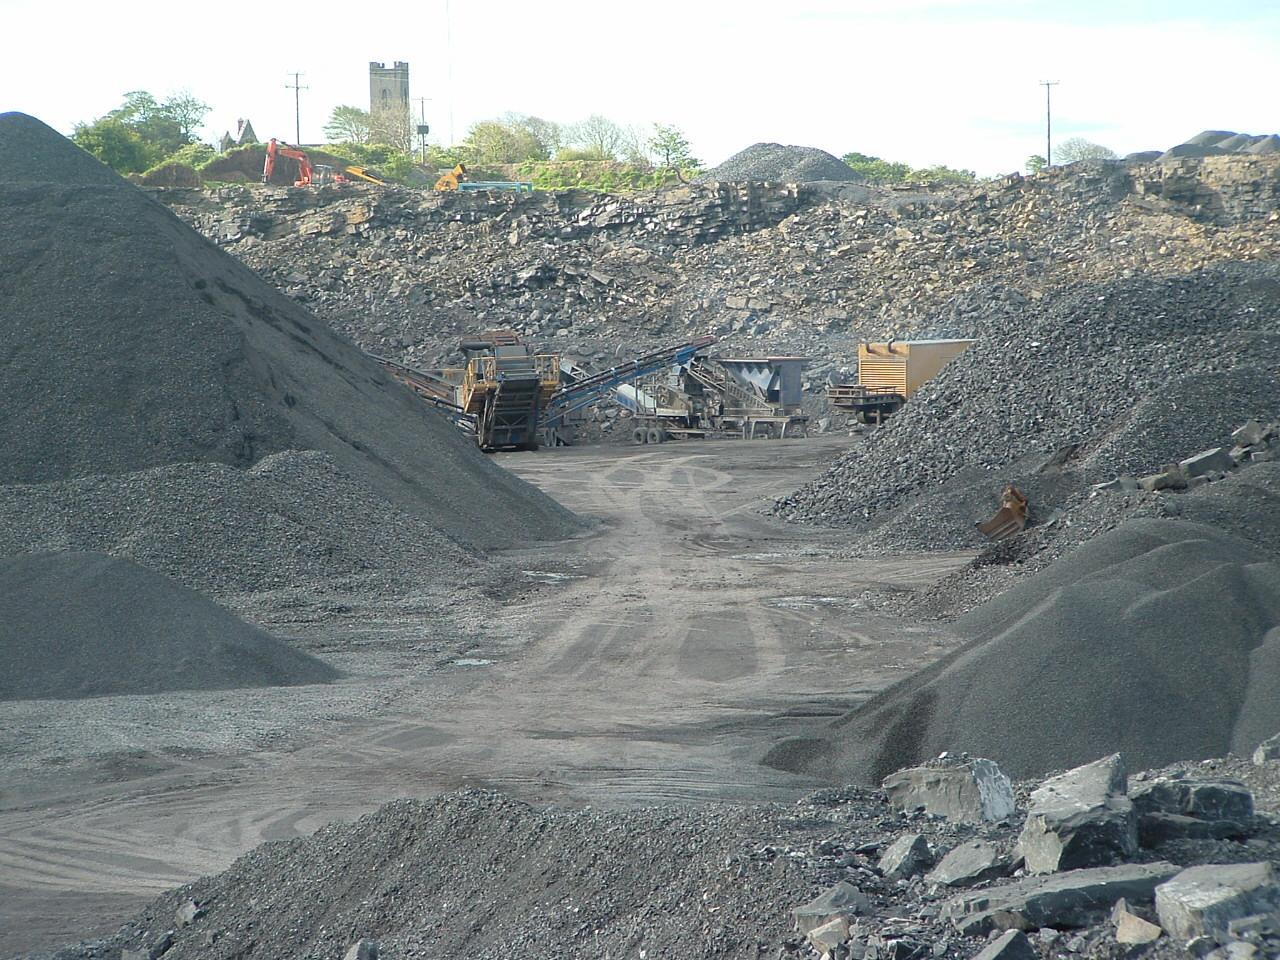 Quarry-14-05-07-001